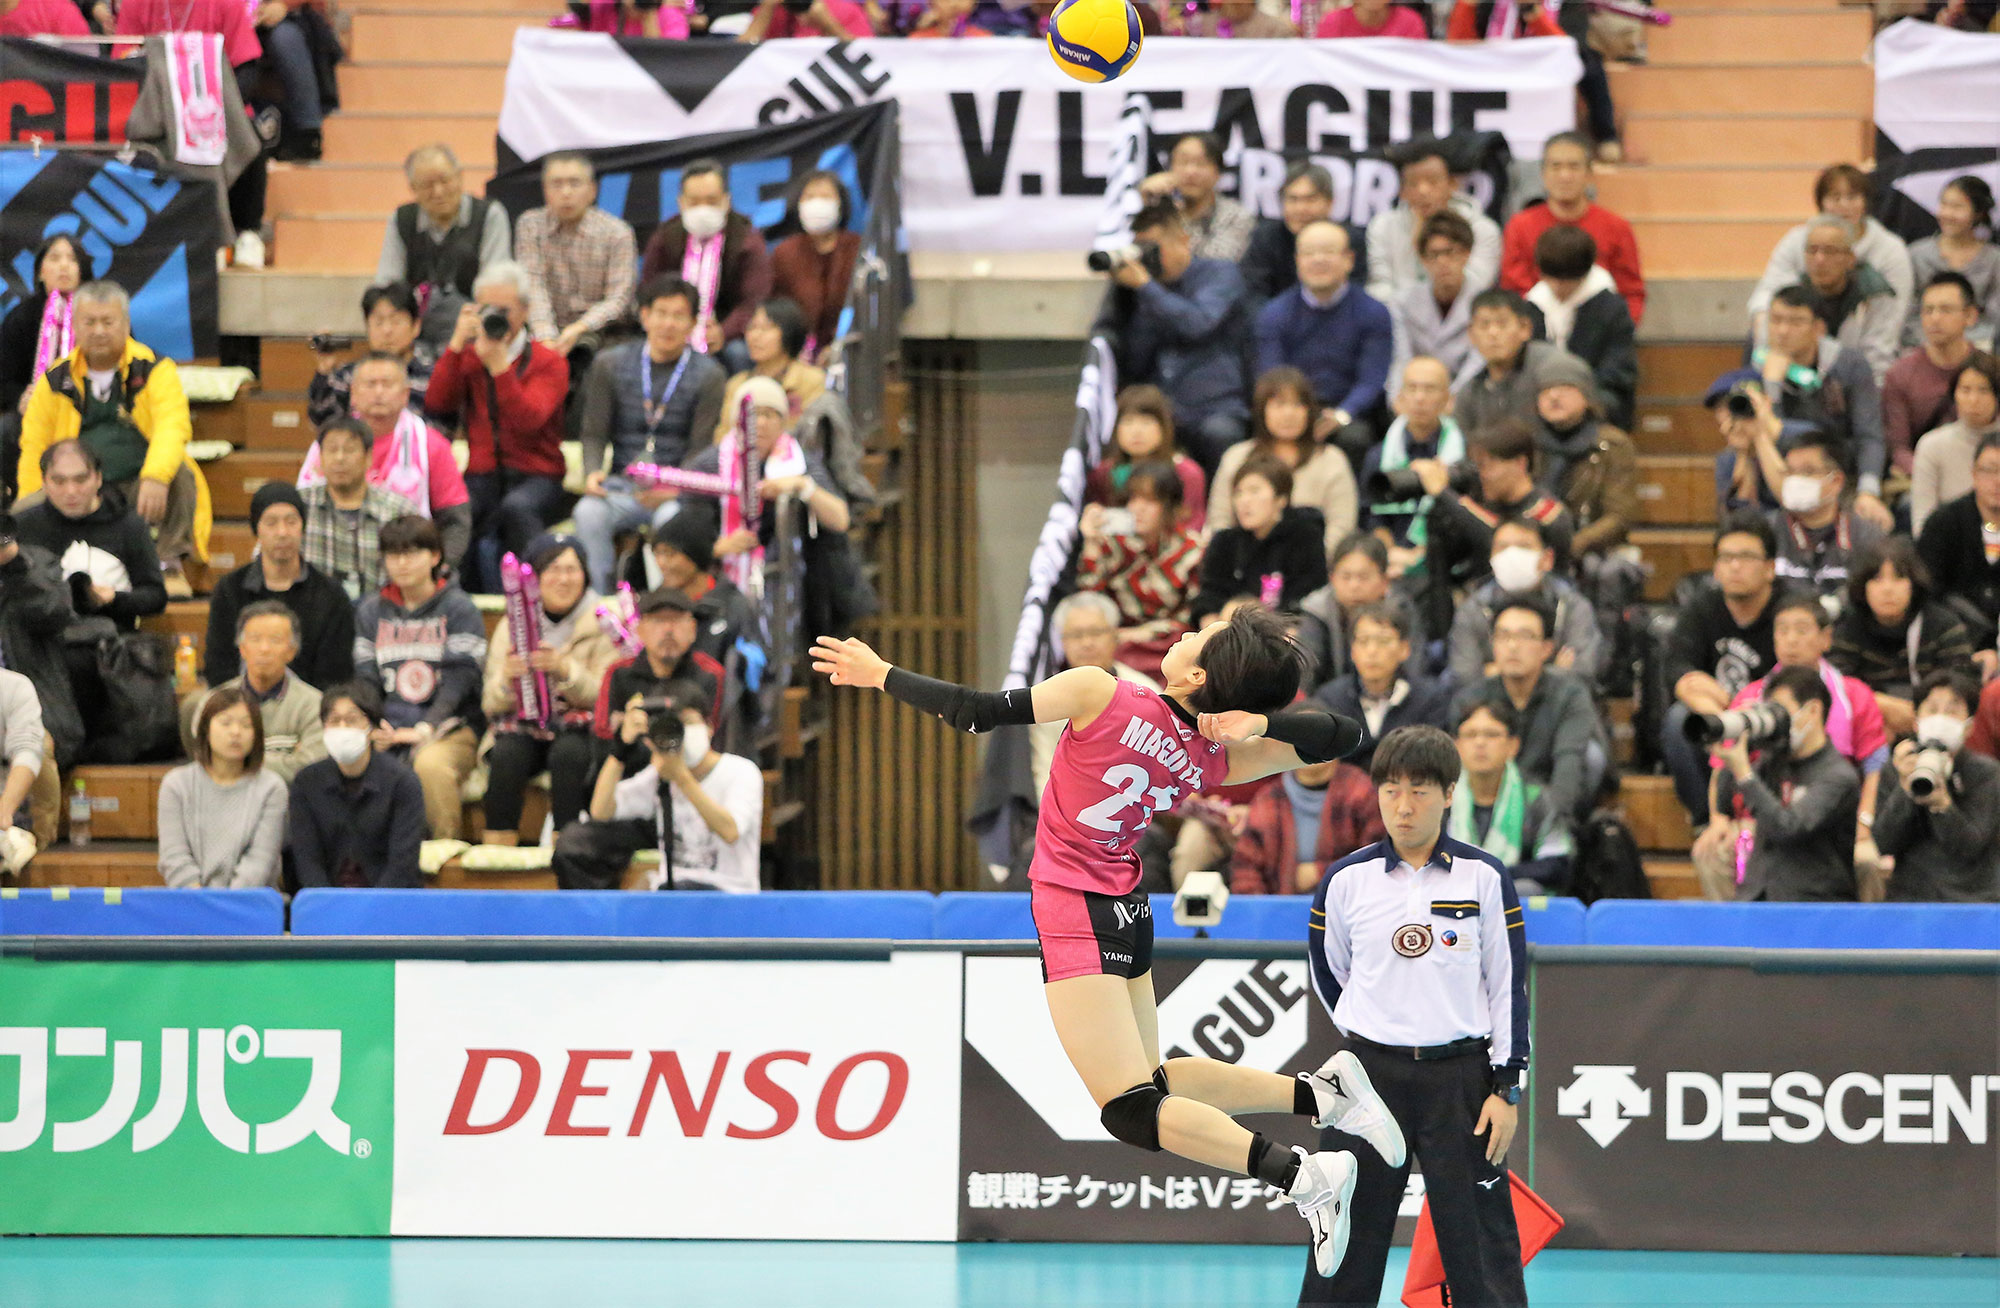 20191208 加古川市総合体育館 vsJTマーヴェラス